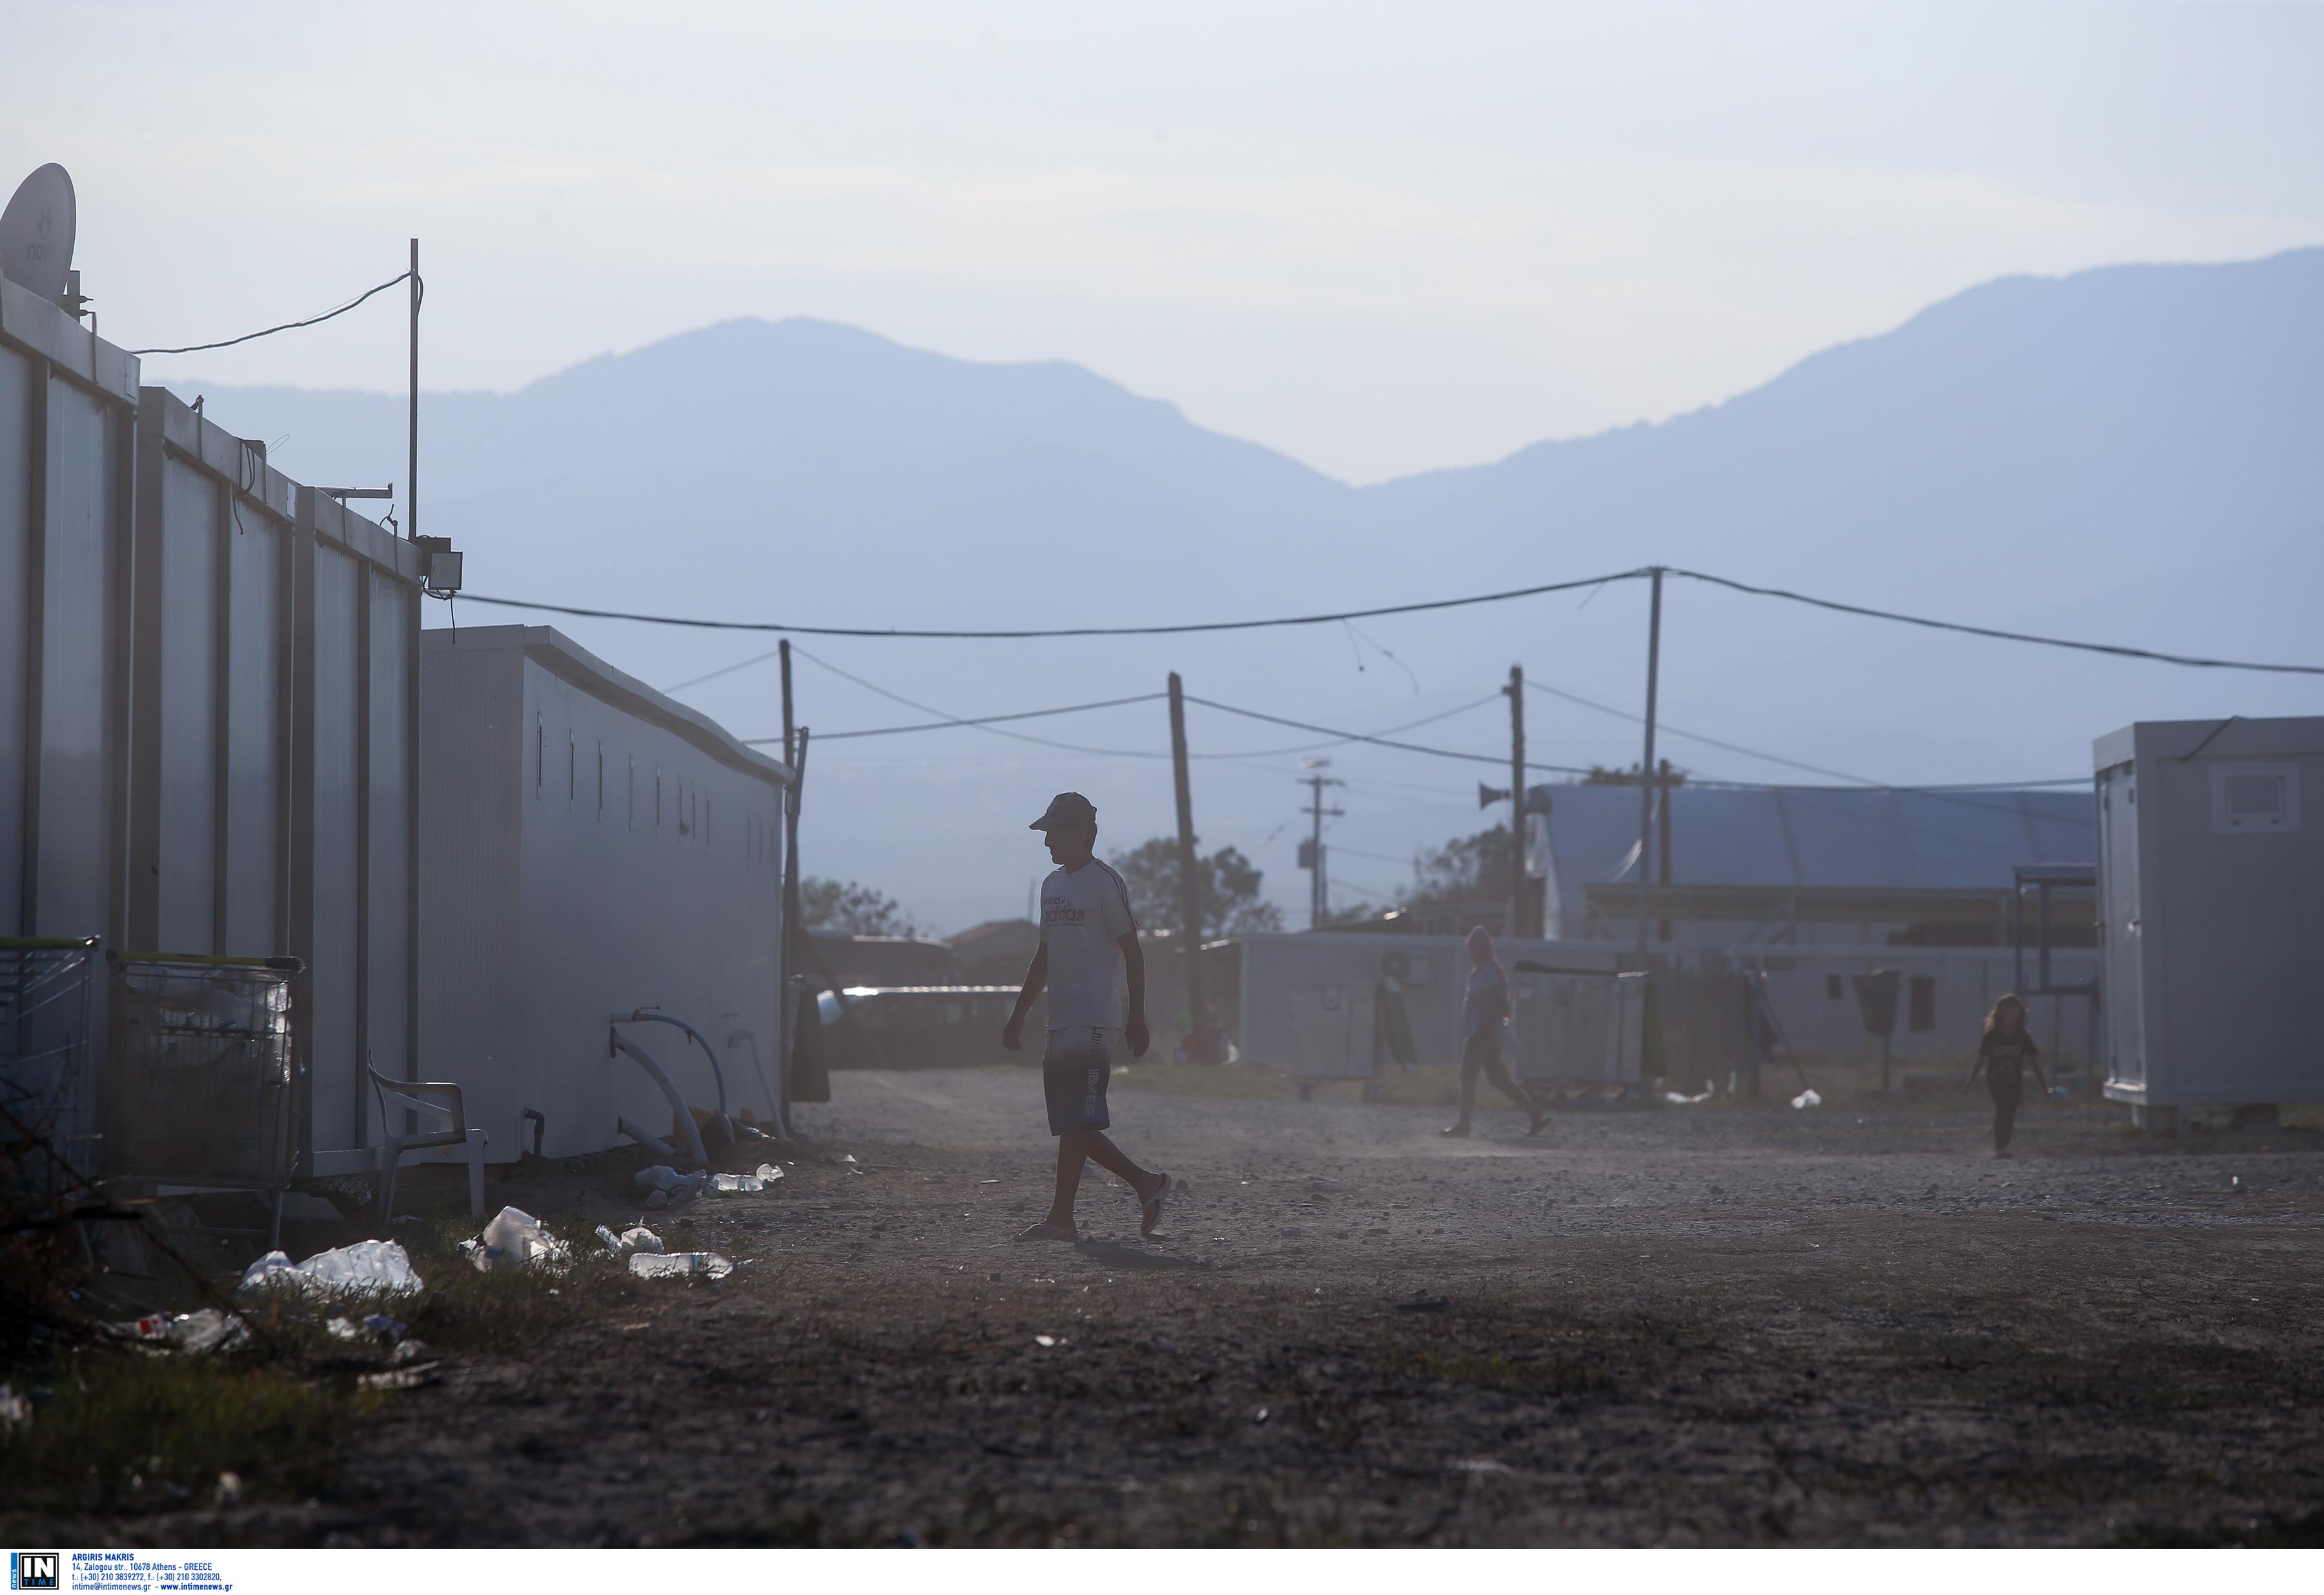 """Κιλκίς: Μετανάστες χωρίς νερό και ρεύμα – """"Ασφυξία"""" στον καταυλισμό με εικόνες που προβληματίζουν!"""